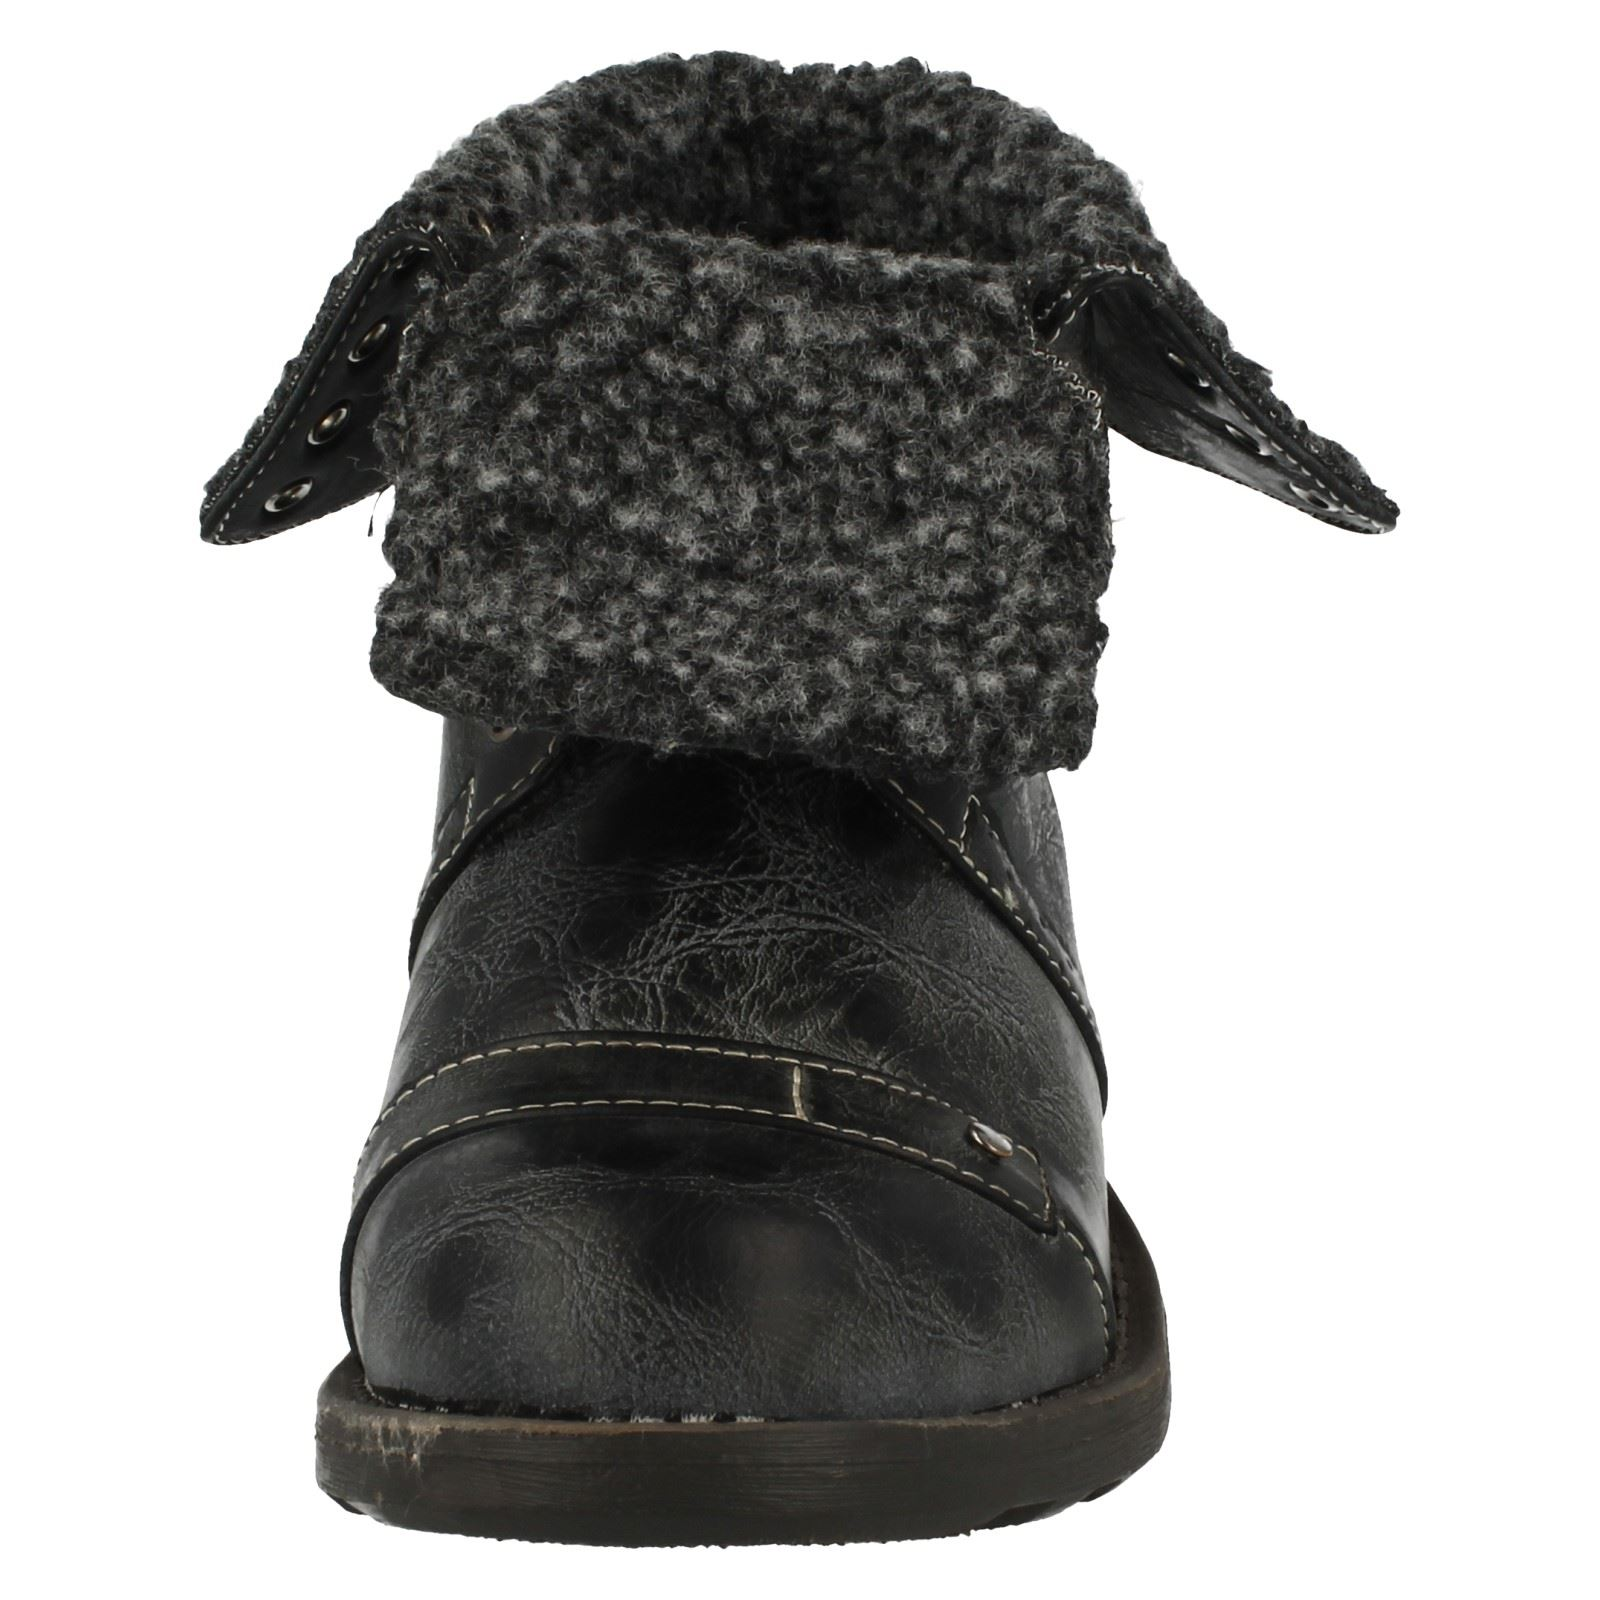 Boys Cutie Stylish Boots N2014